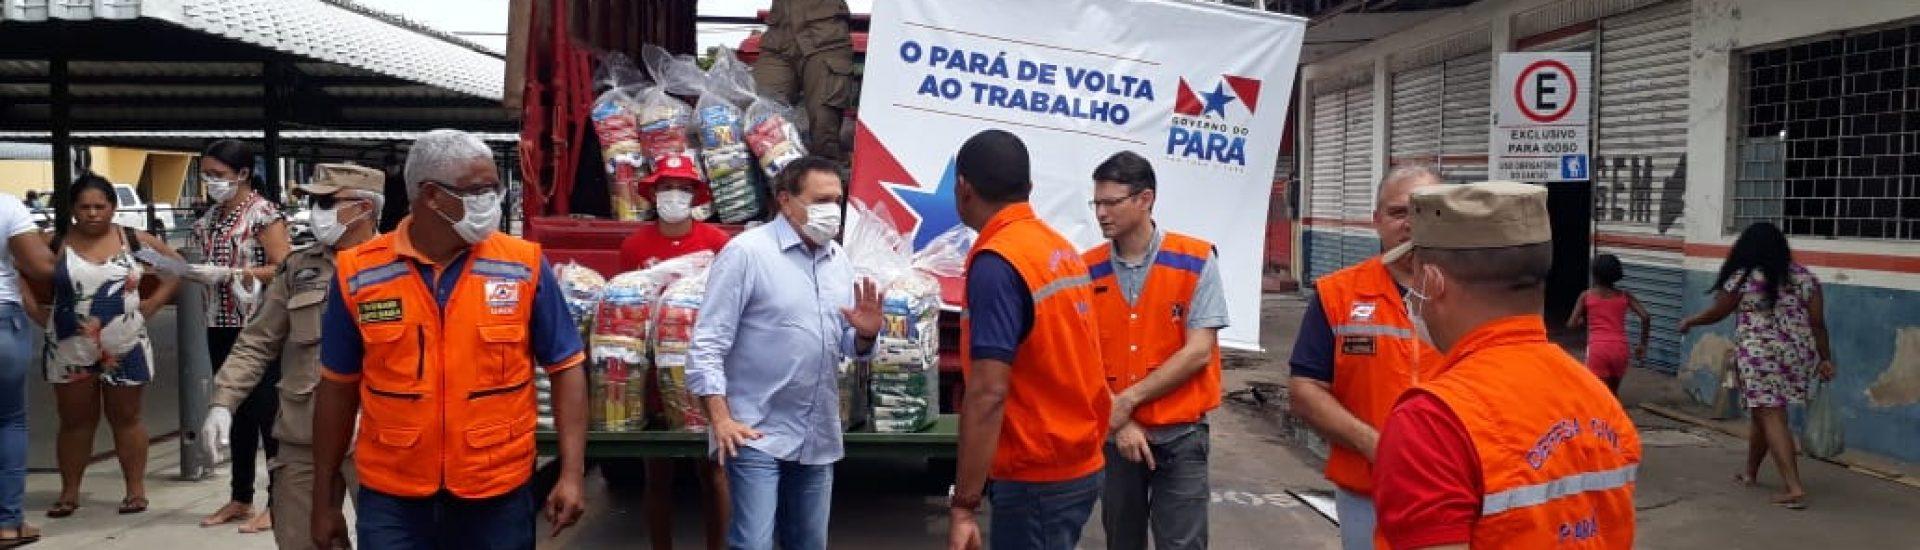 CBMPA E DEFESA CIVIL ESTADUAL REALIZA AÇÃO HUMANITÁRIA EM MARABÁ